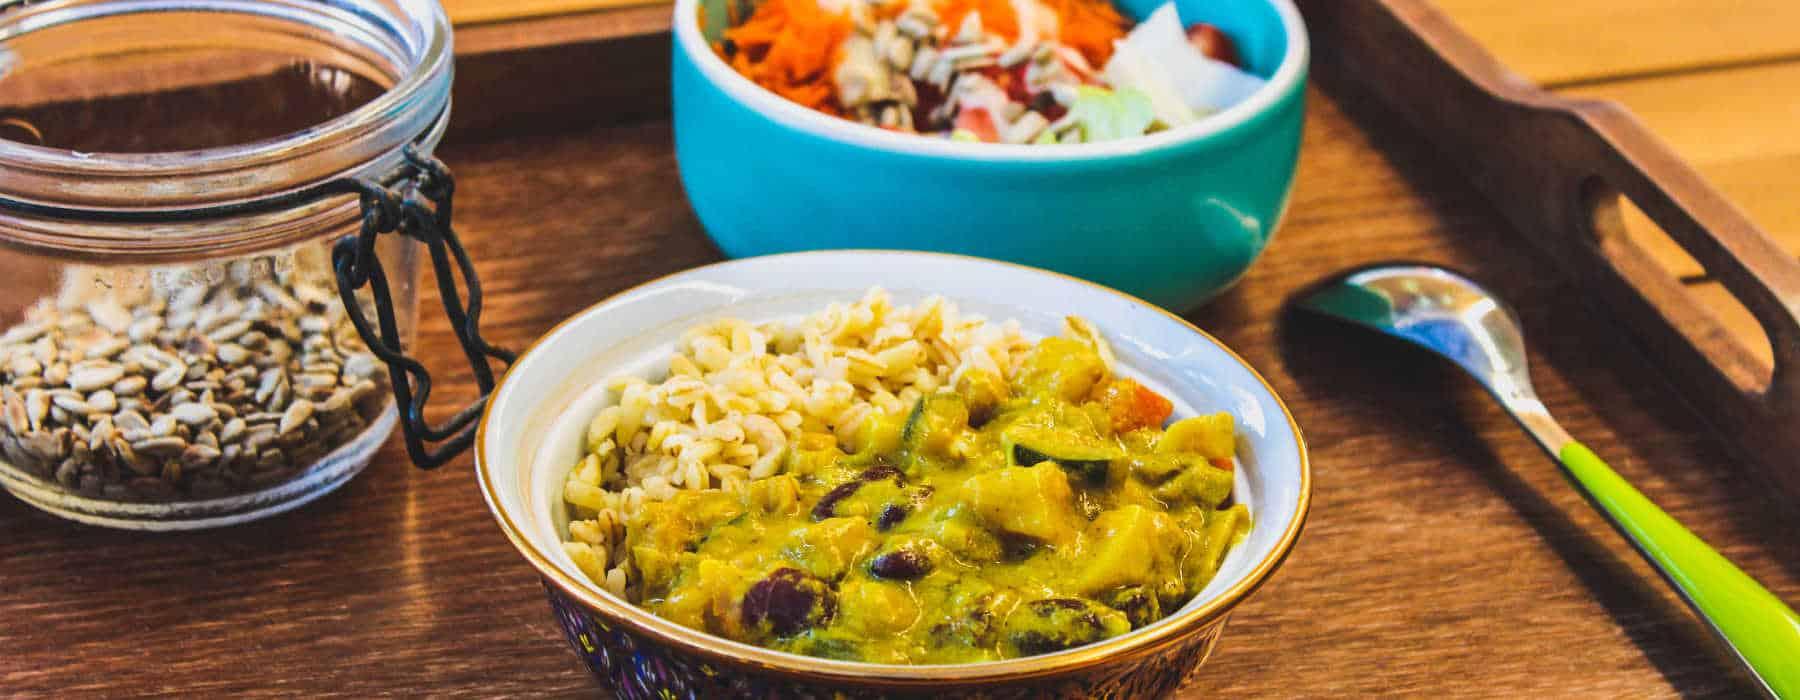 recette curry légume vegan rapide et simple